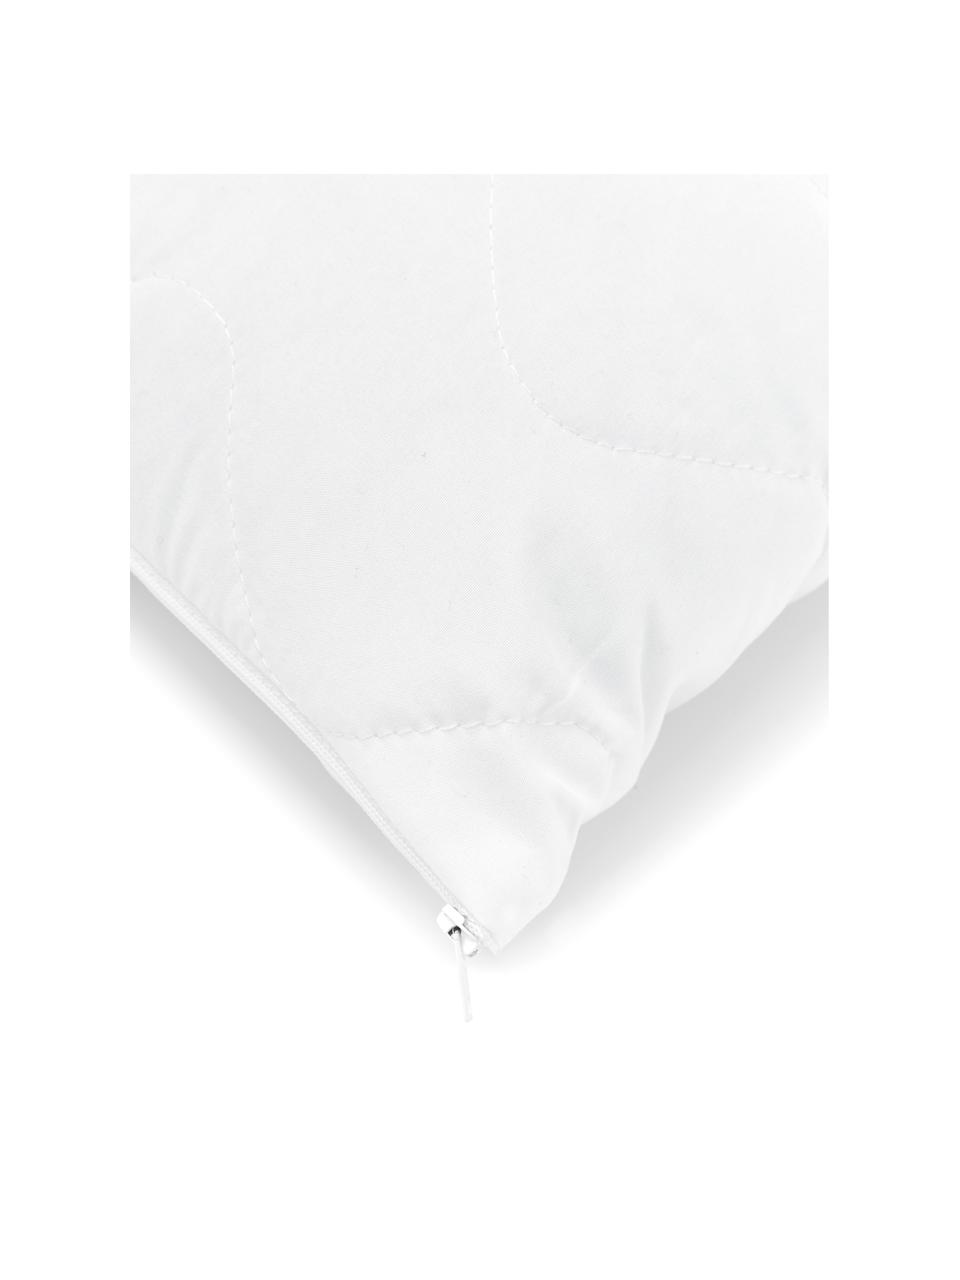 Premium Kissen-Inlett Sia, 45x45, Microfaser-Füllung, Hülle: 100% Polyester, wattiert, Weiß, 45 x 45 cm